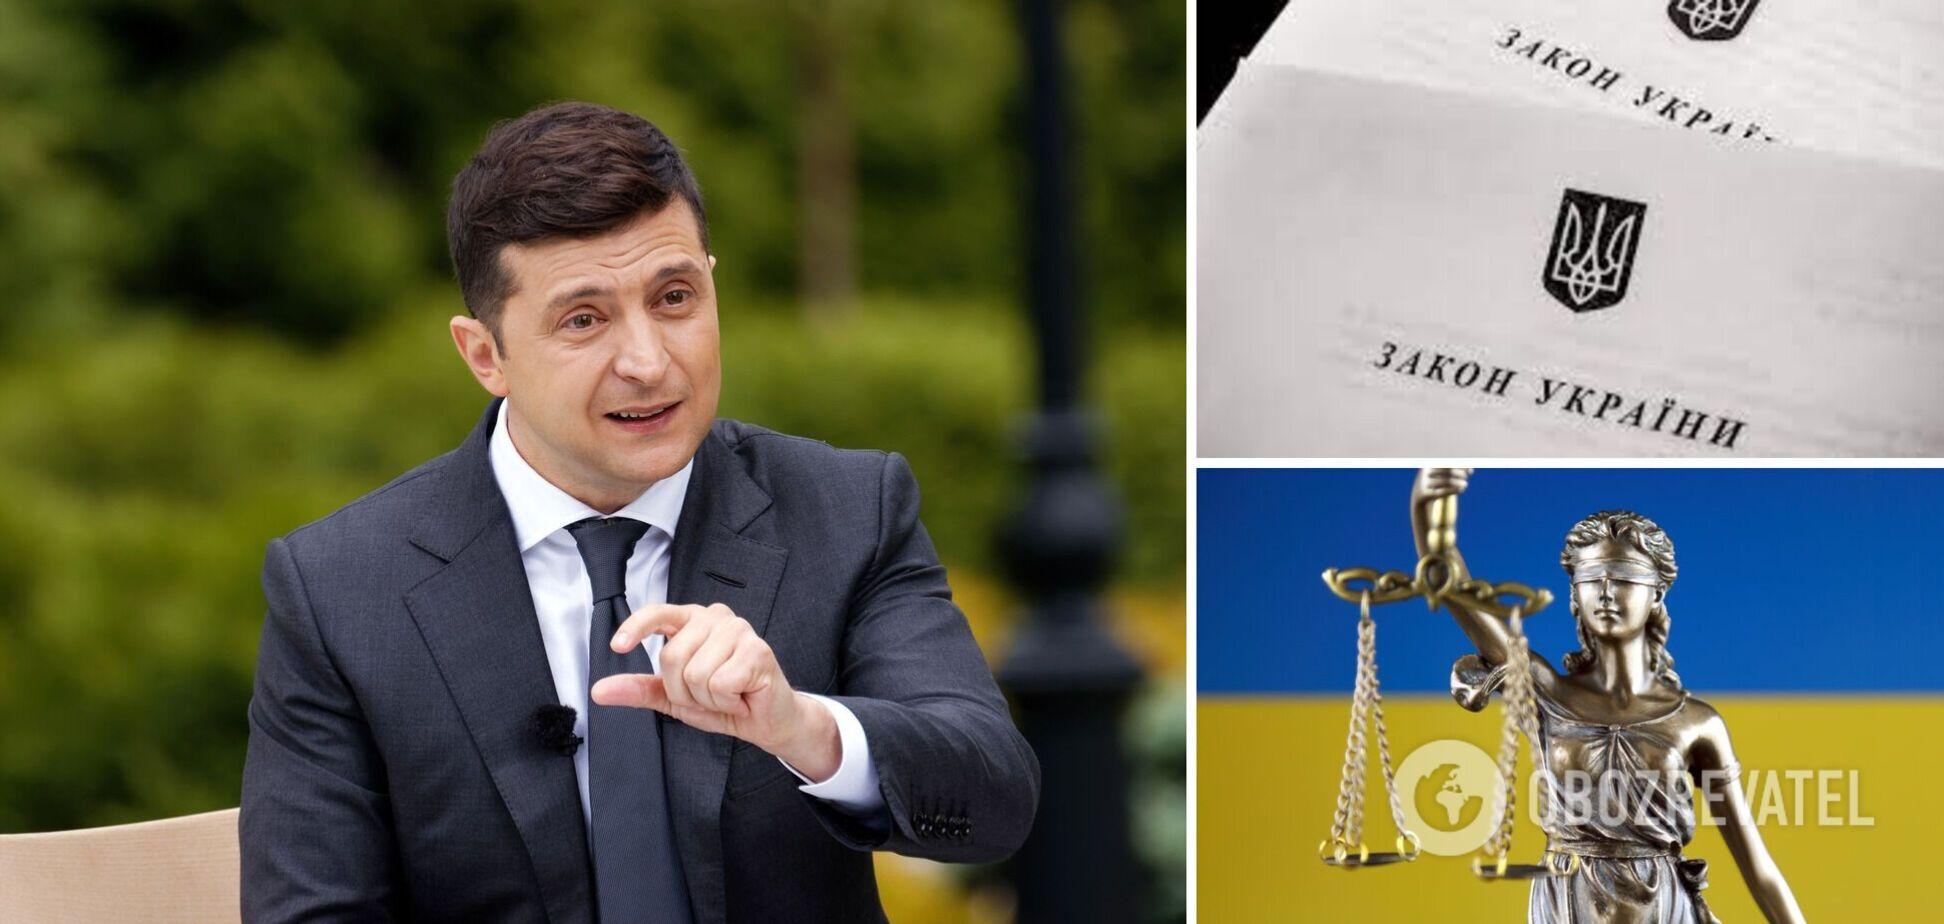 Зеленский подписал ключевые для судебной реформы законы: что изменится